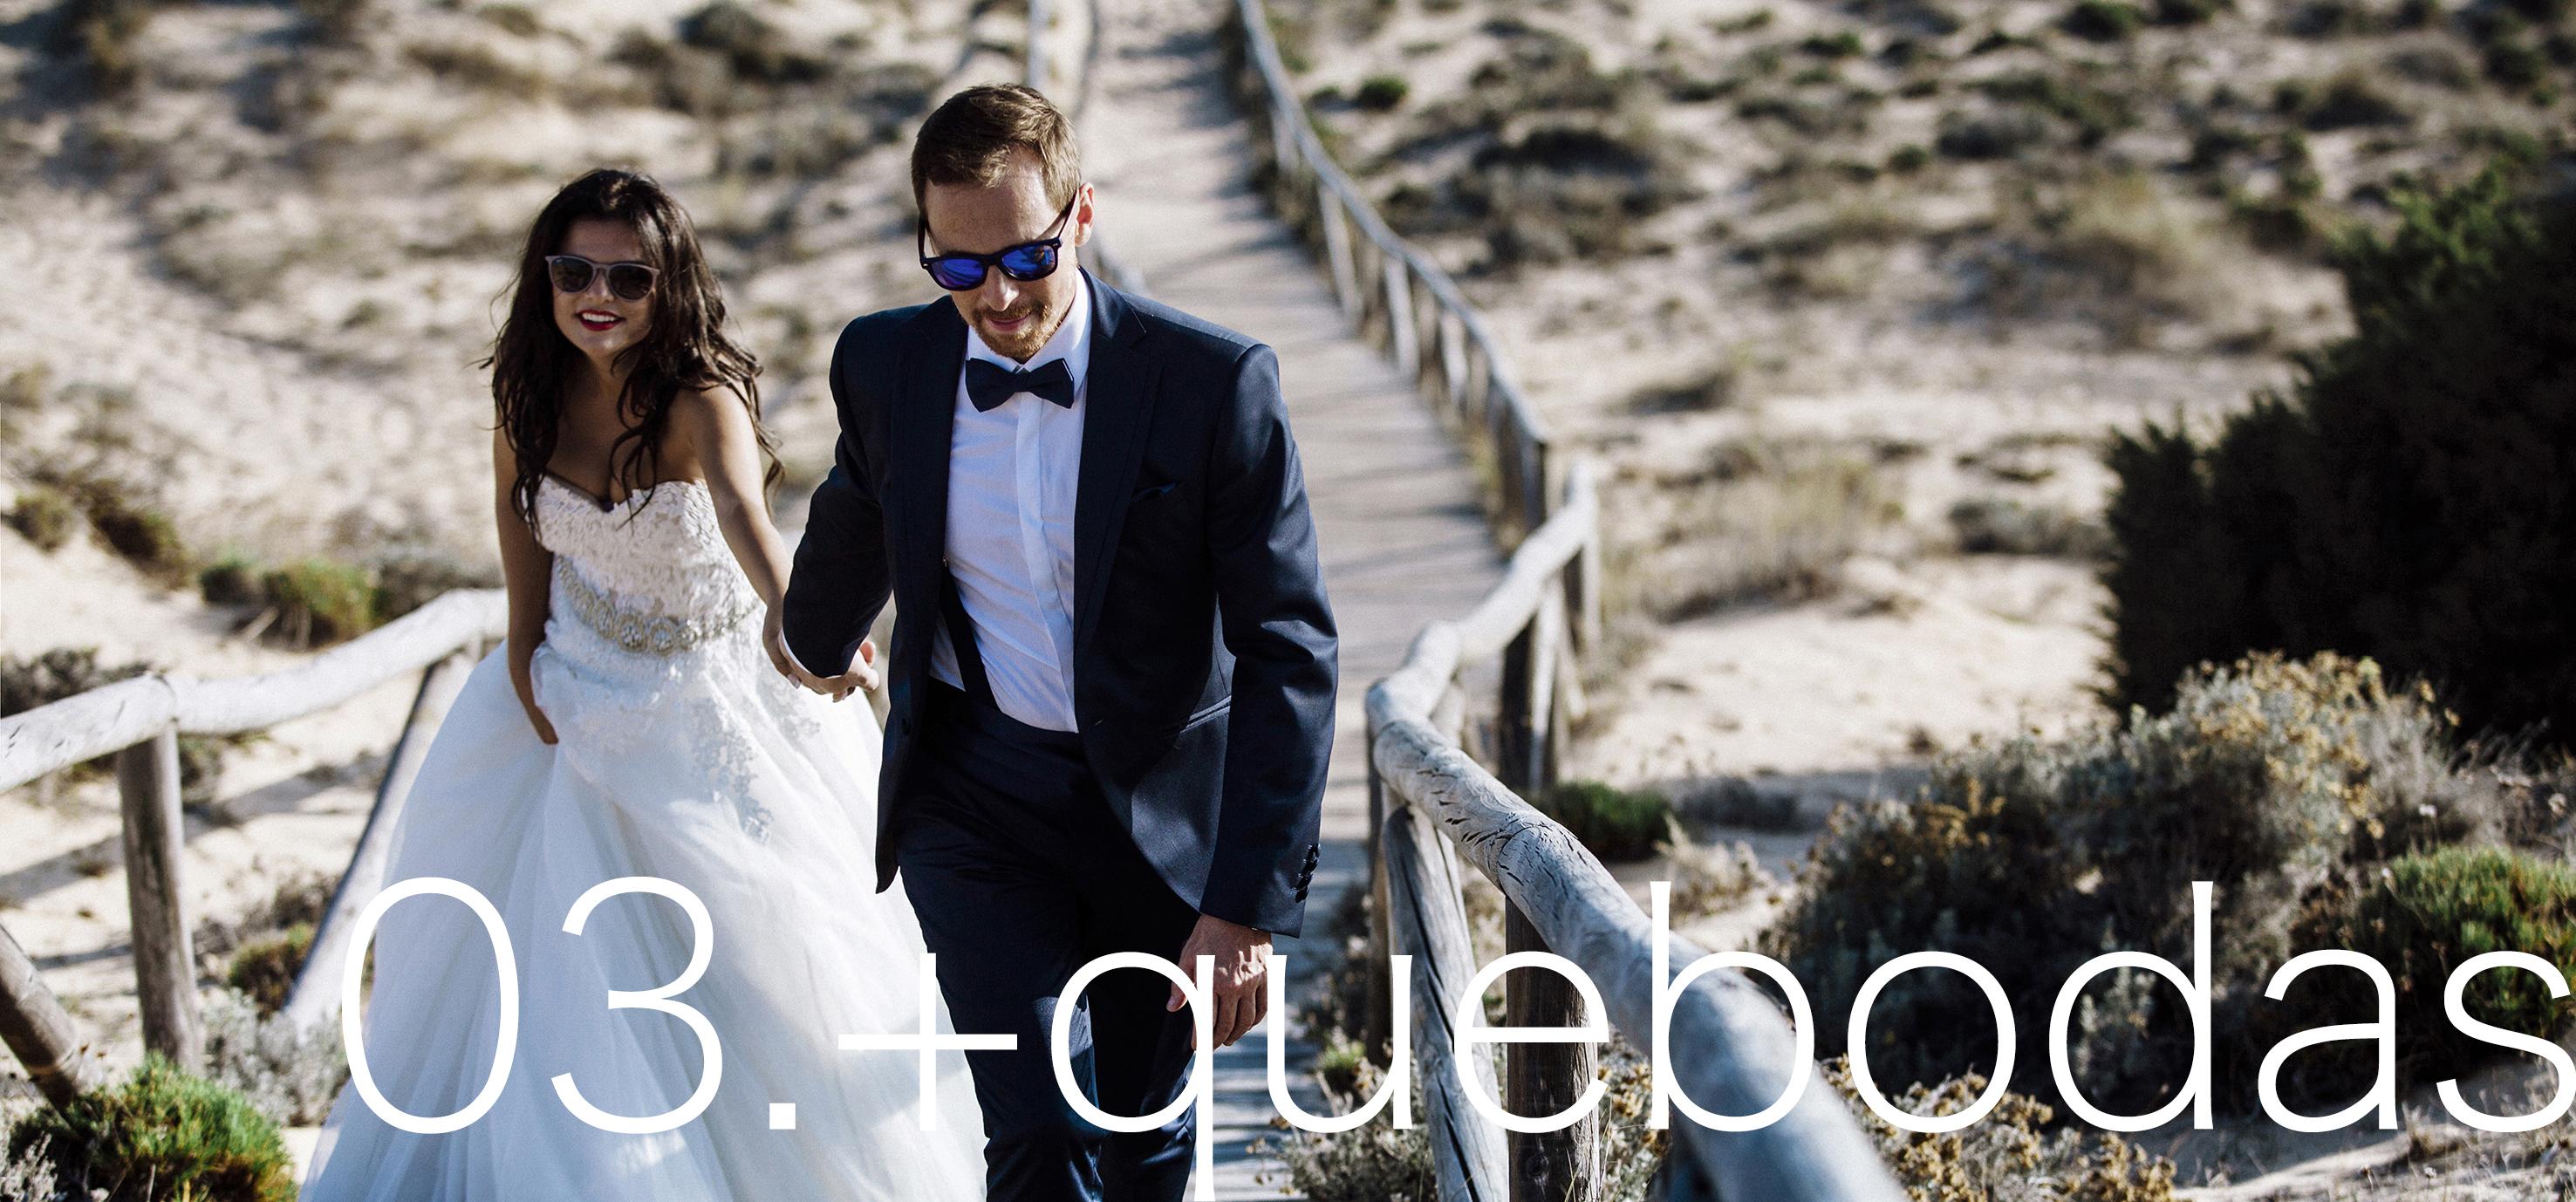 PostBoda +QueBodas - Fotografo Bodas Málaga Miguel Barranco